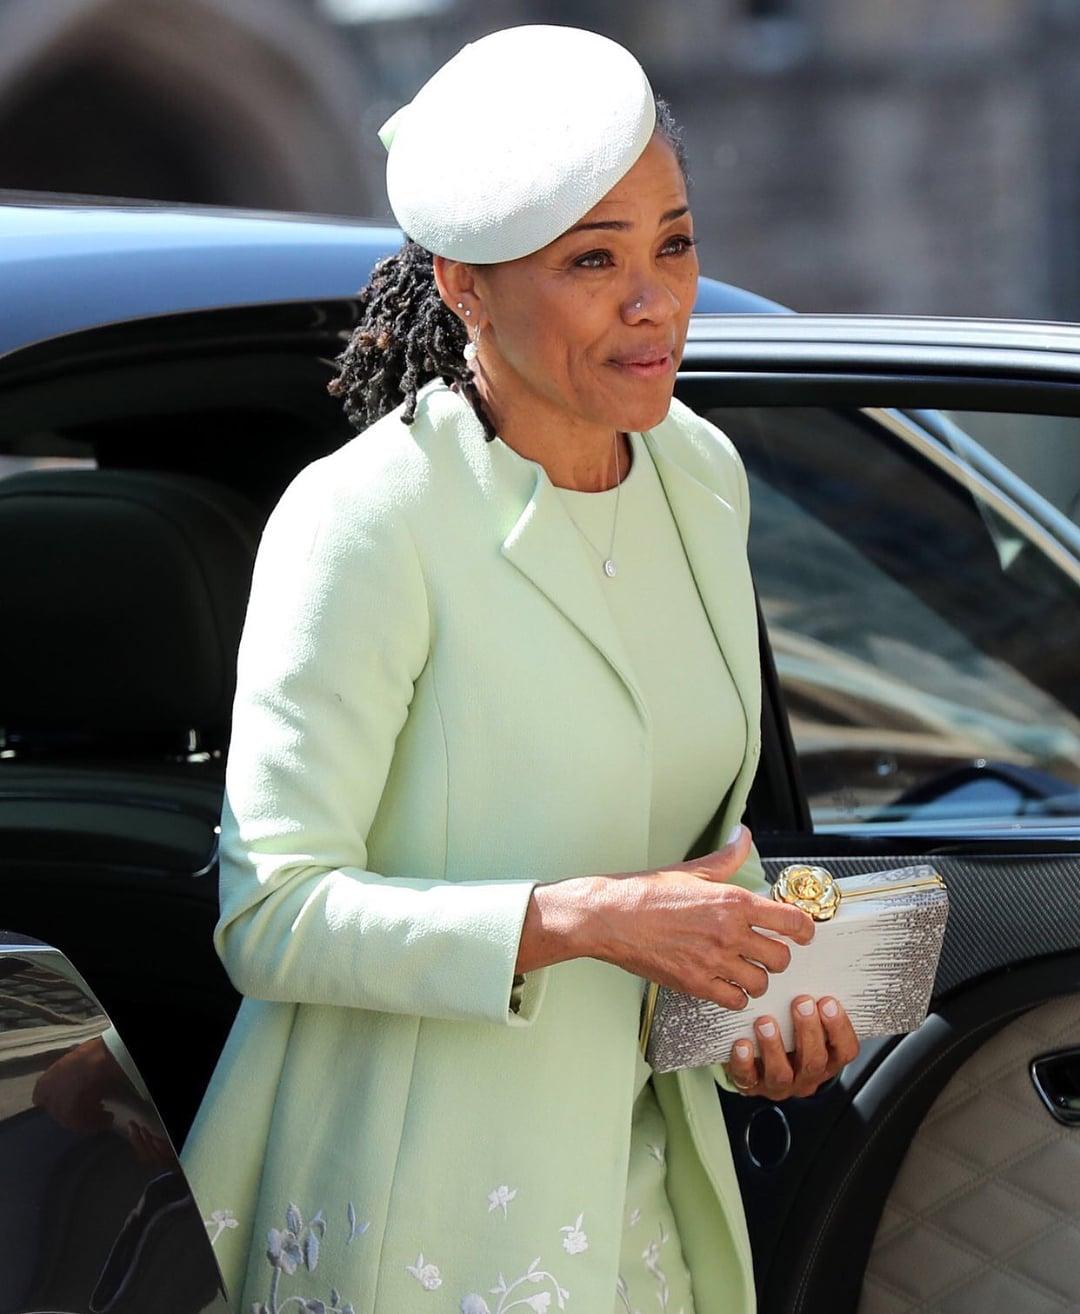 Vestido e chapéu usados mãe da noiva, Doria Ragland, no casamento Real: Príncipe Harry e Megan Markle. Mais detalhes no blog www.planejandomeucasamento.com.br